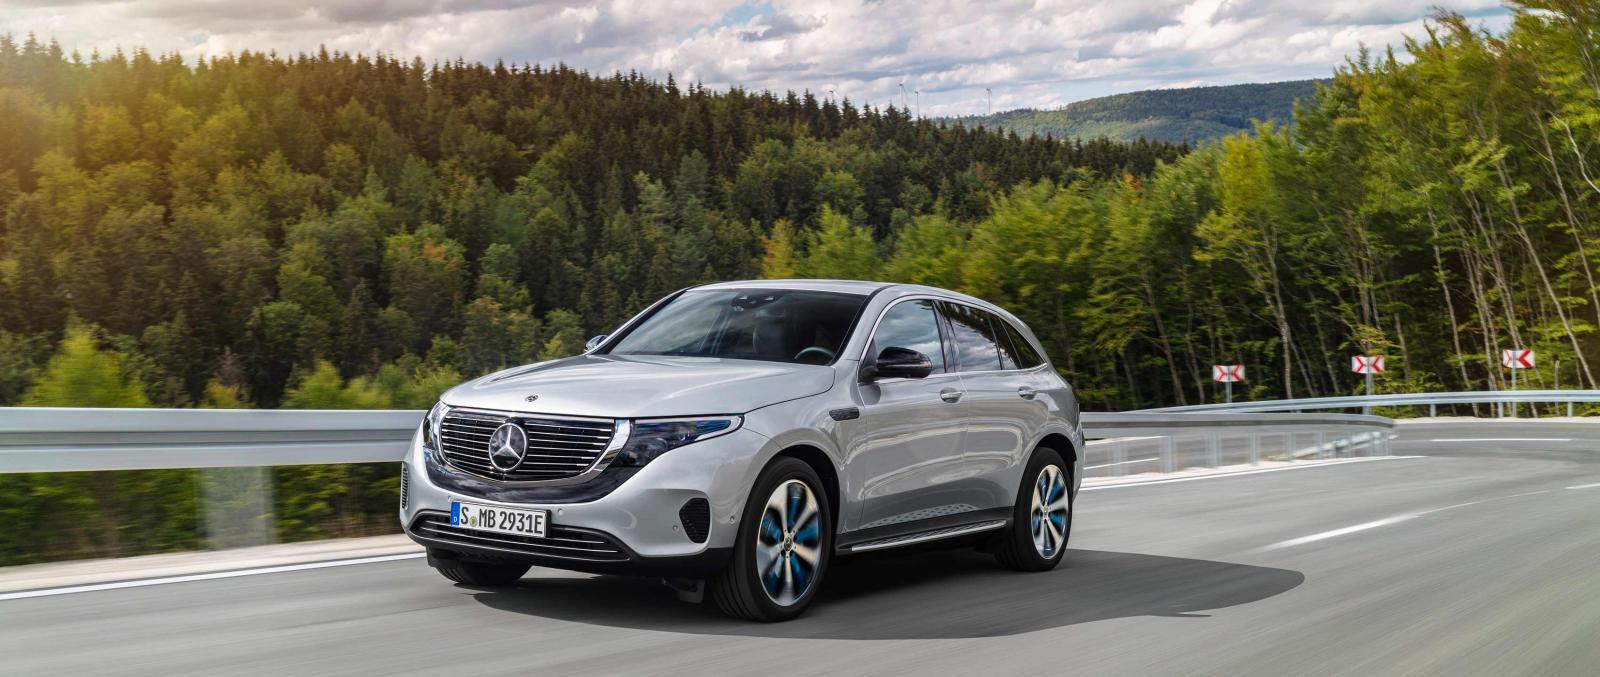 El Mercedes EQS podría llevar el mismo motor de propulsión eléctrica que la Mercedes EQC